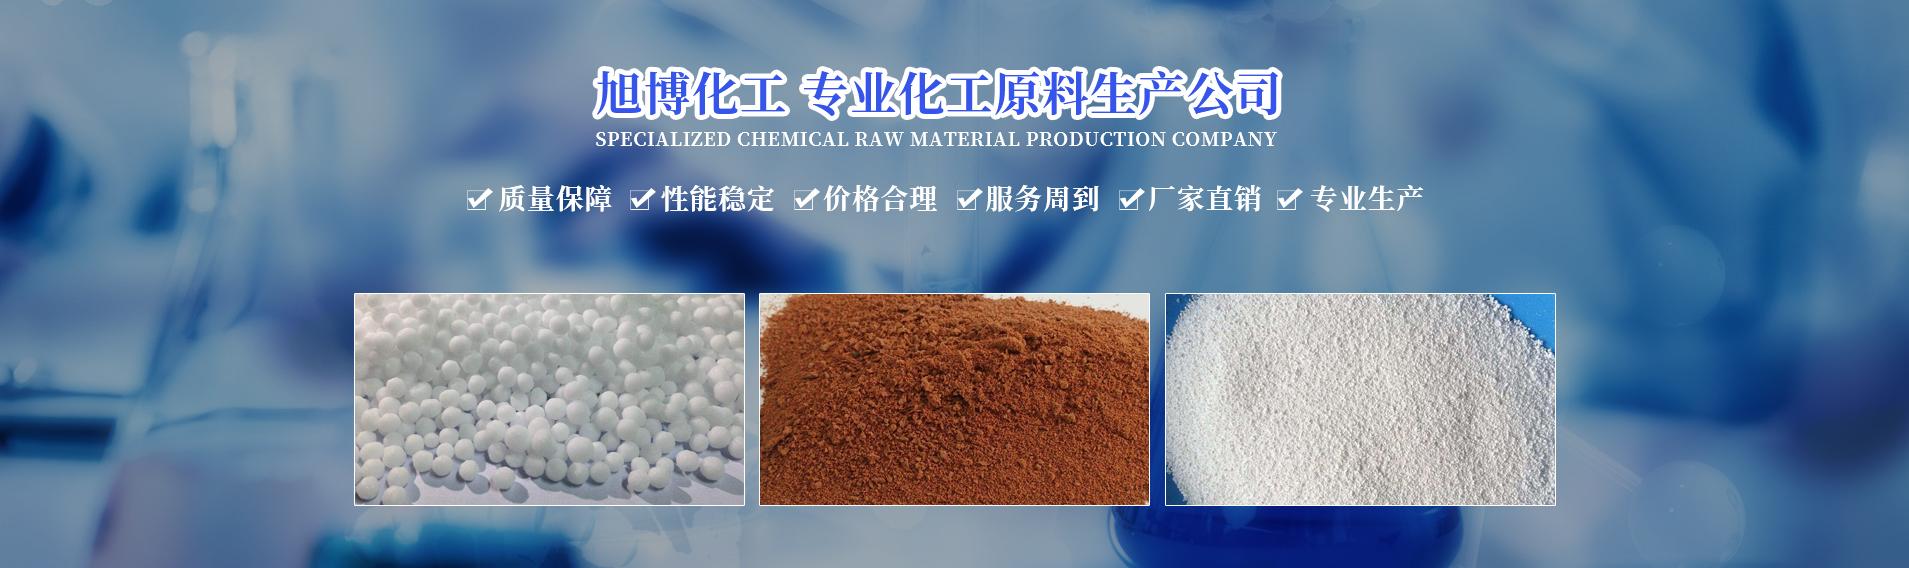 淺析堿式氯化鋁特點及用途!